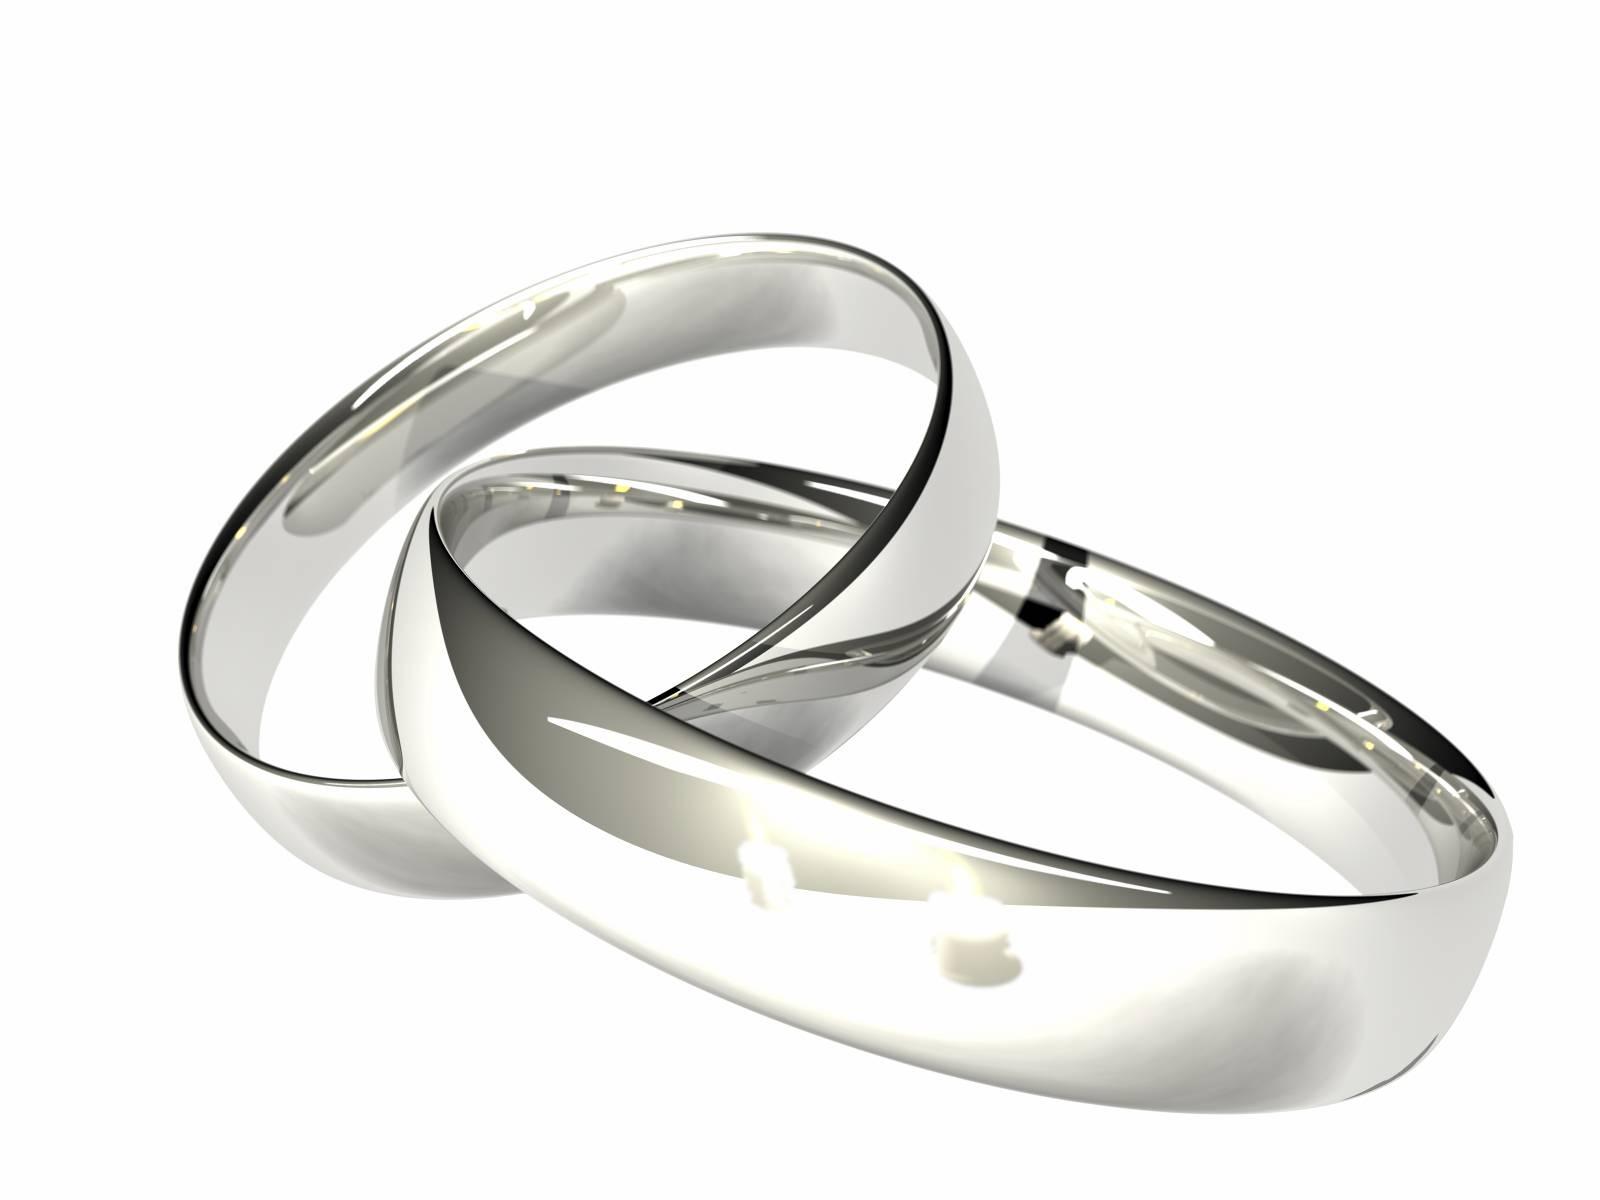 Wedding Pictures Wedding Photos Silver Wedding Rings Pictures For Silver Wedding Bands (View 3 of 15)